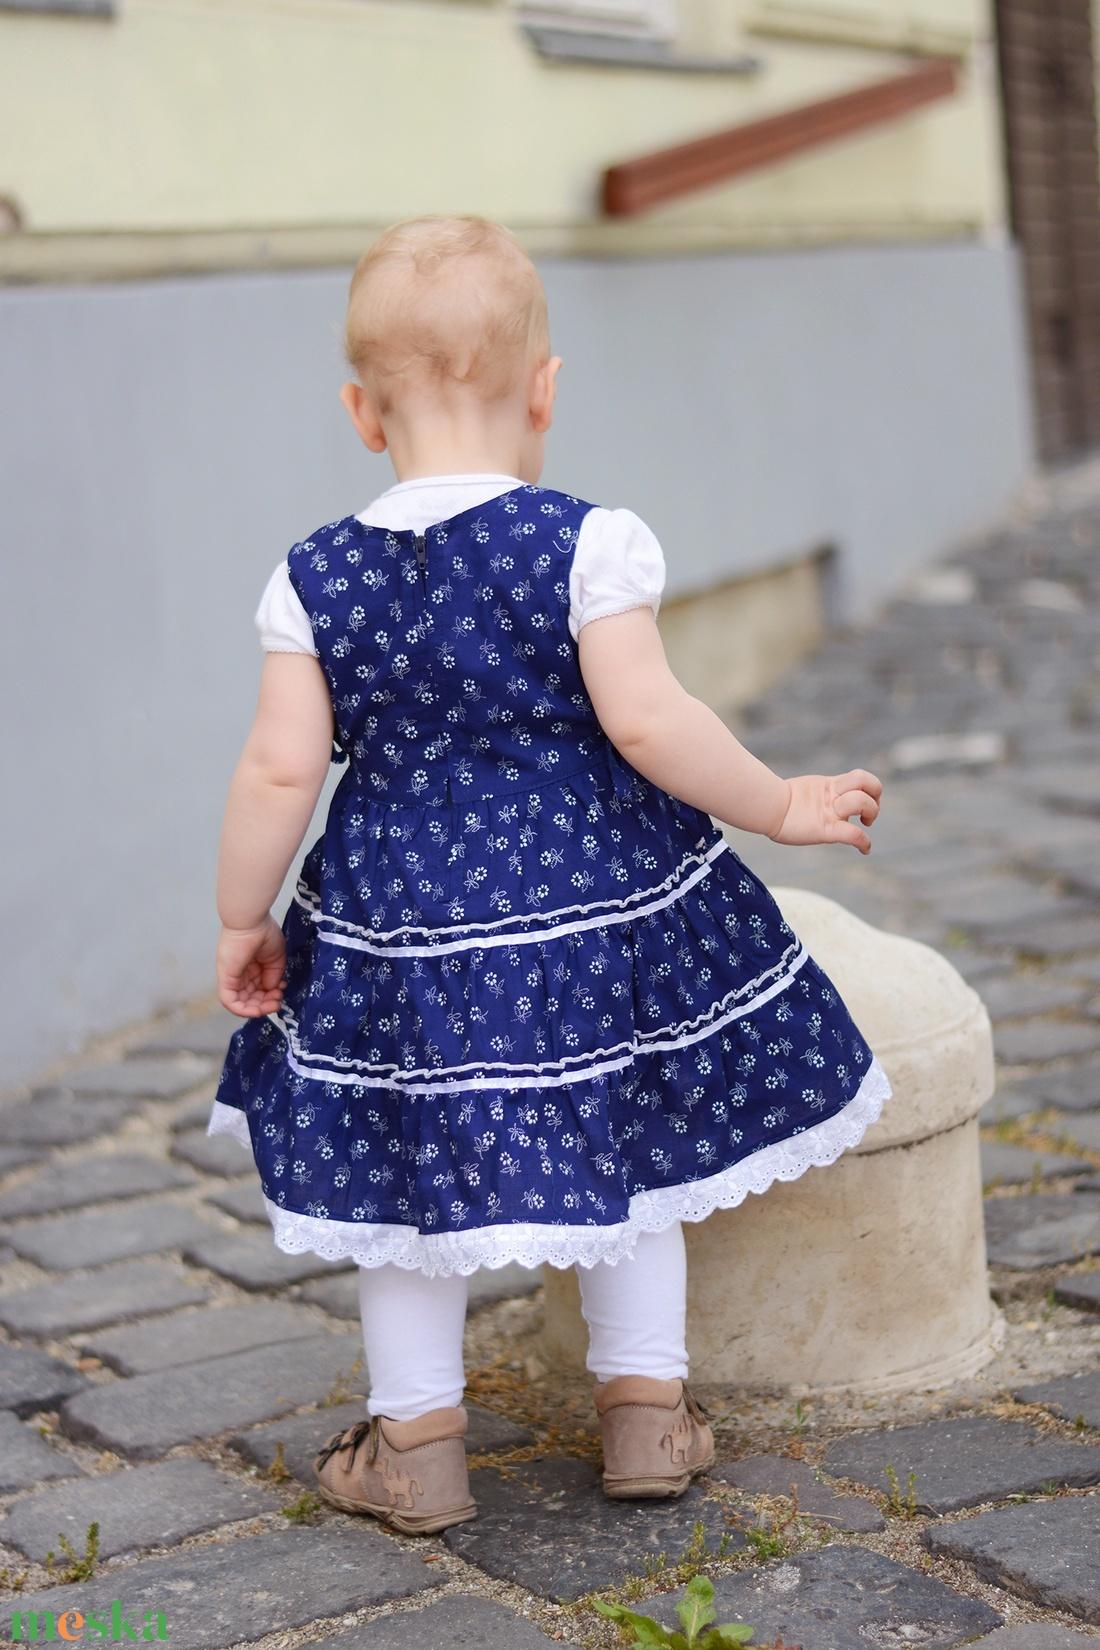 deae89df49 ... Kékfestő 62-104-es lány ruha madeira csipke díszítéssel (gyetomi) -  Meska ...